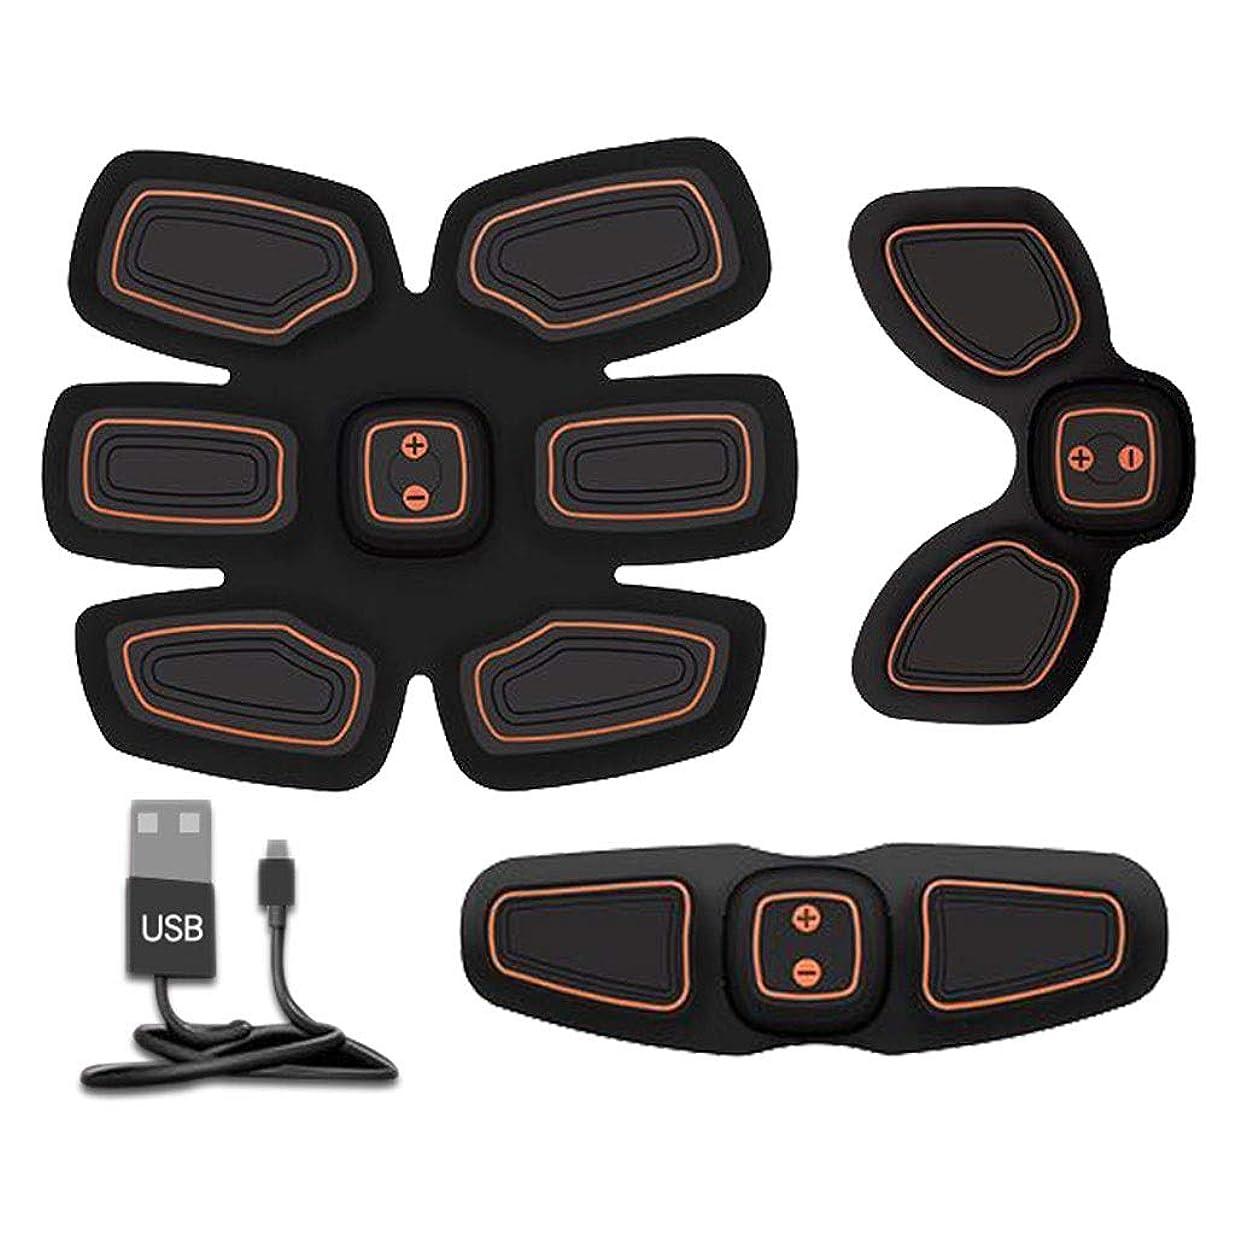 マーカーオーブン否定する腹筋トレーナーフィットネストレーニングギア、リモコン付きEMS筋肉刺激装置 - USB充電式究極腹部刺激装置 - 男性&女性用筋肉トナー (Size : B)